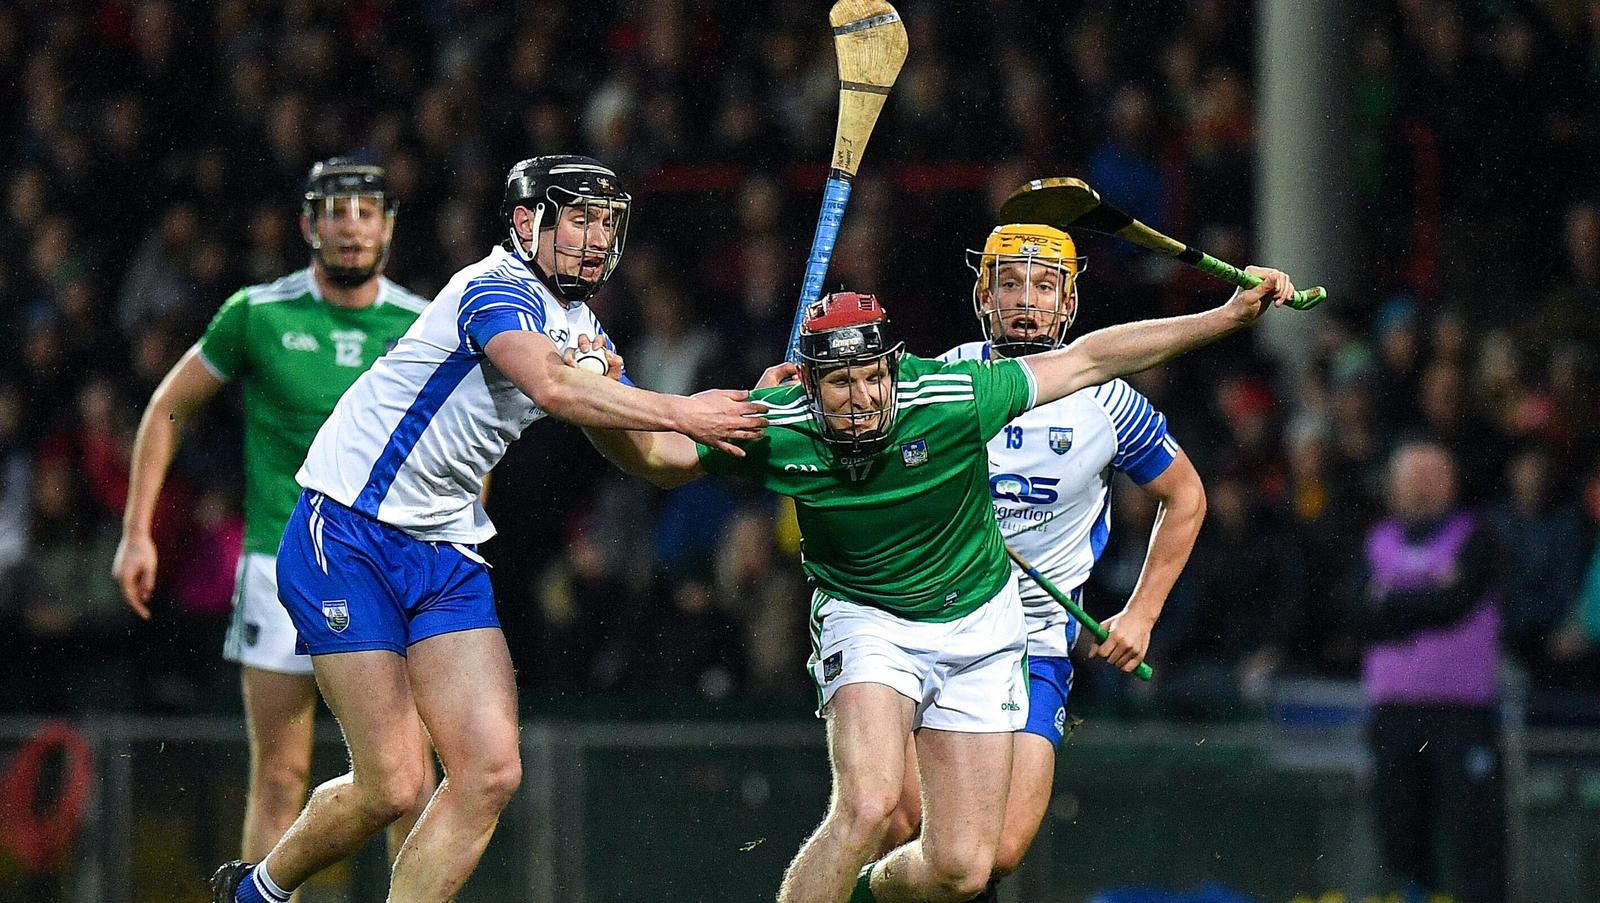 Recap: Limerick 1-21 Waterford 1-17